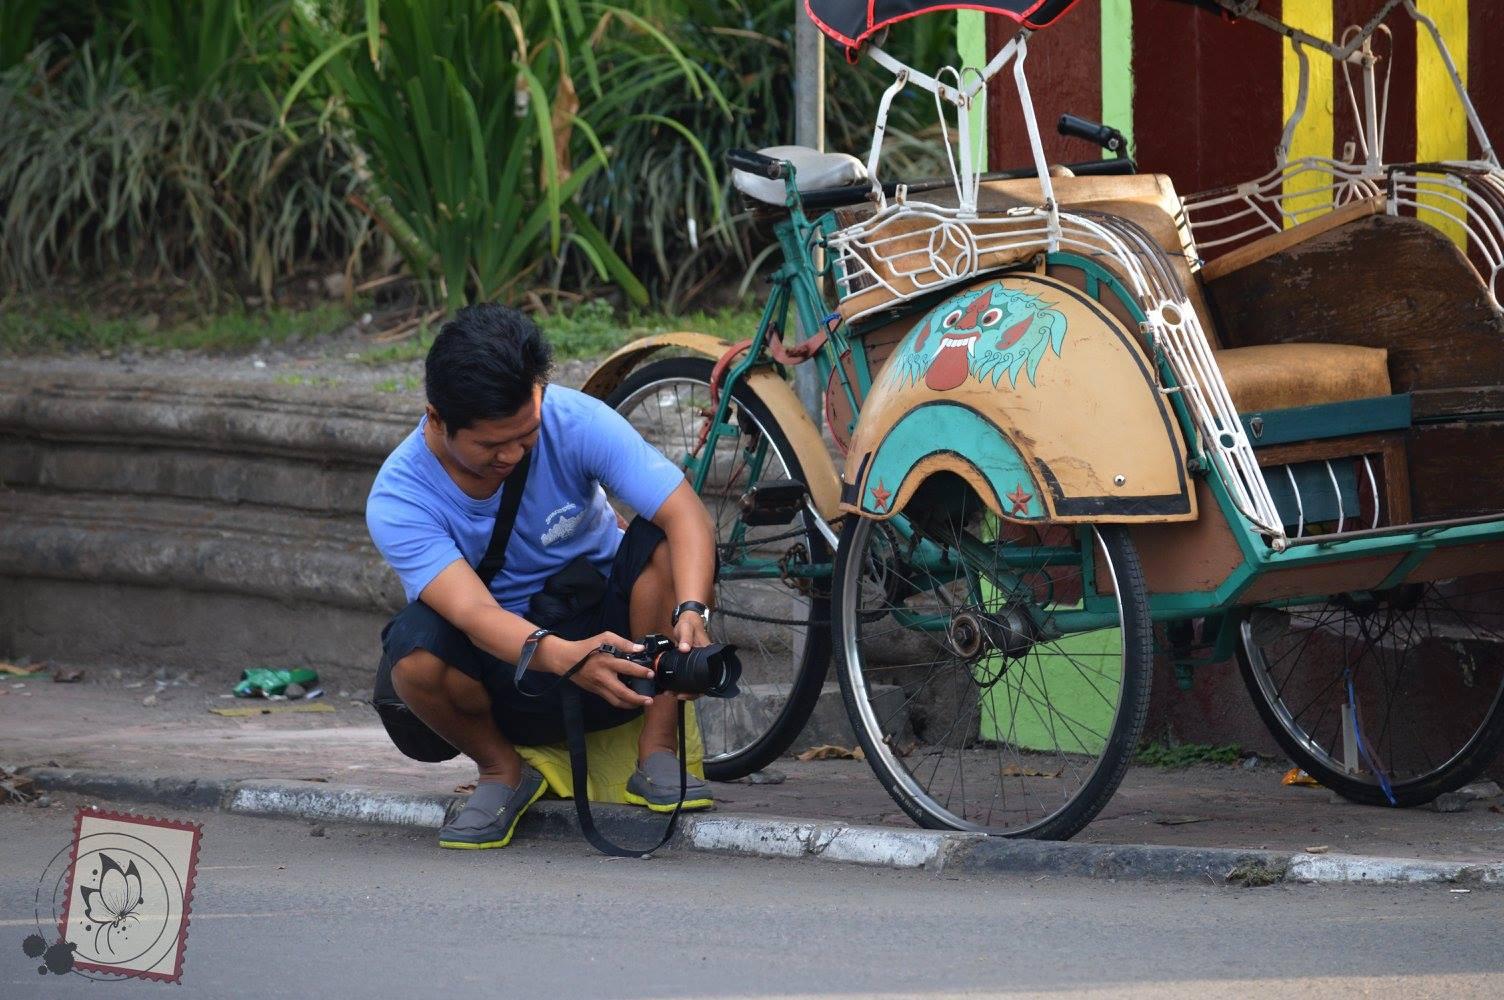 membre de la communauté de photographes